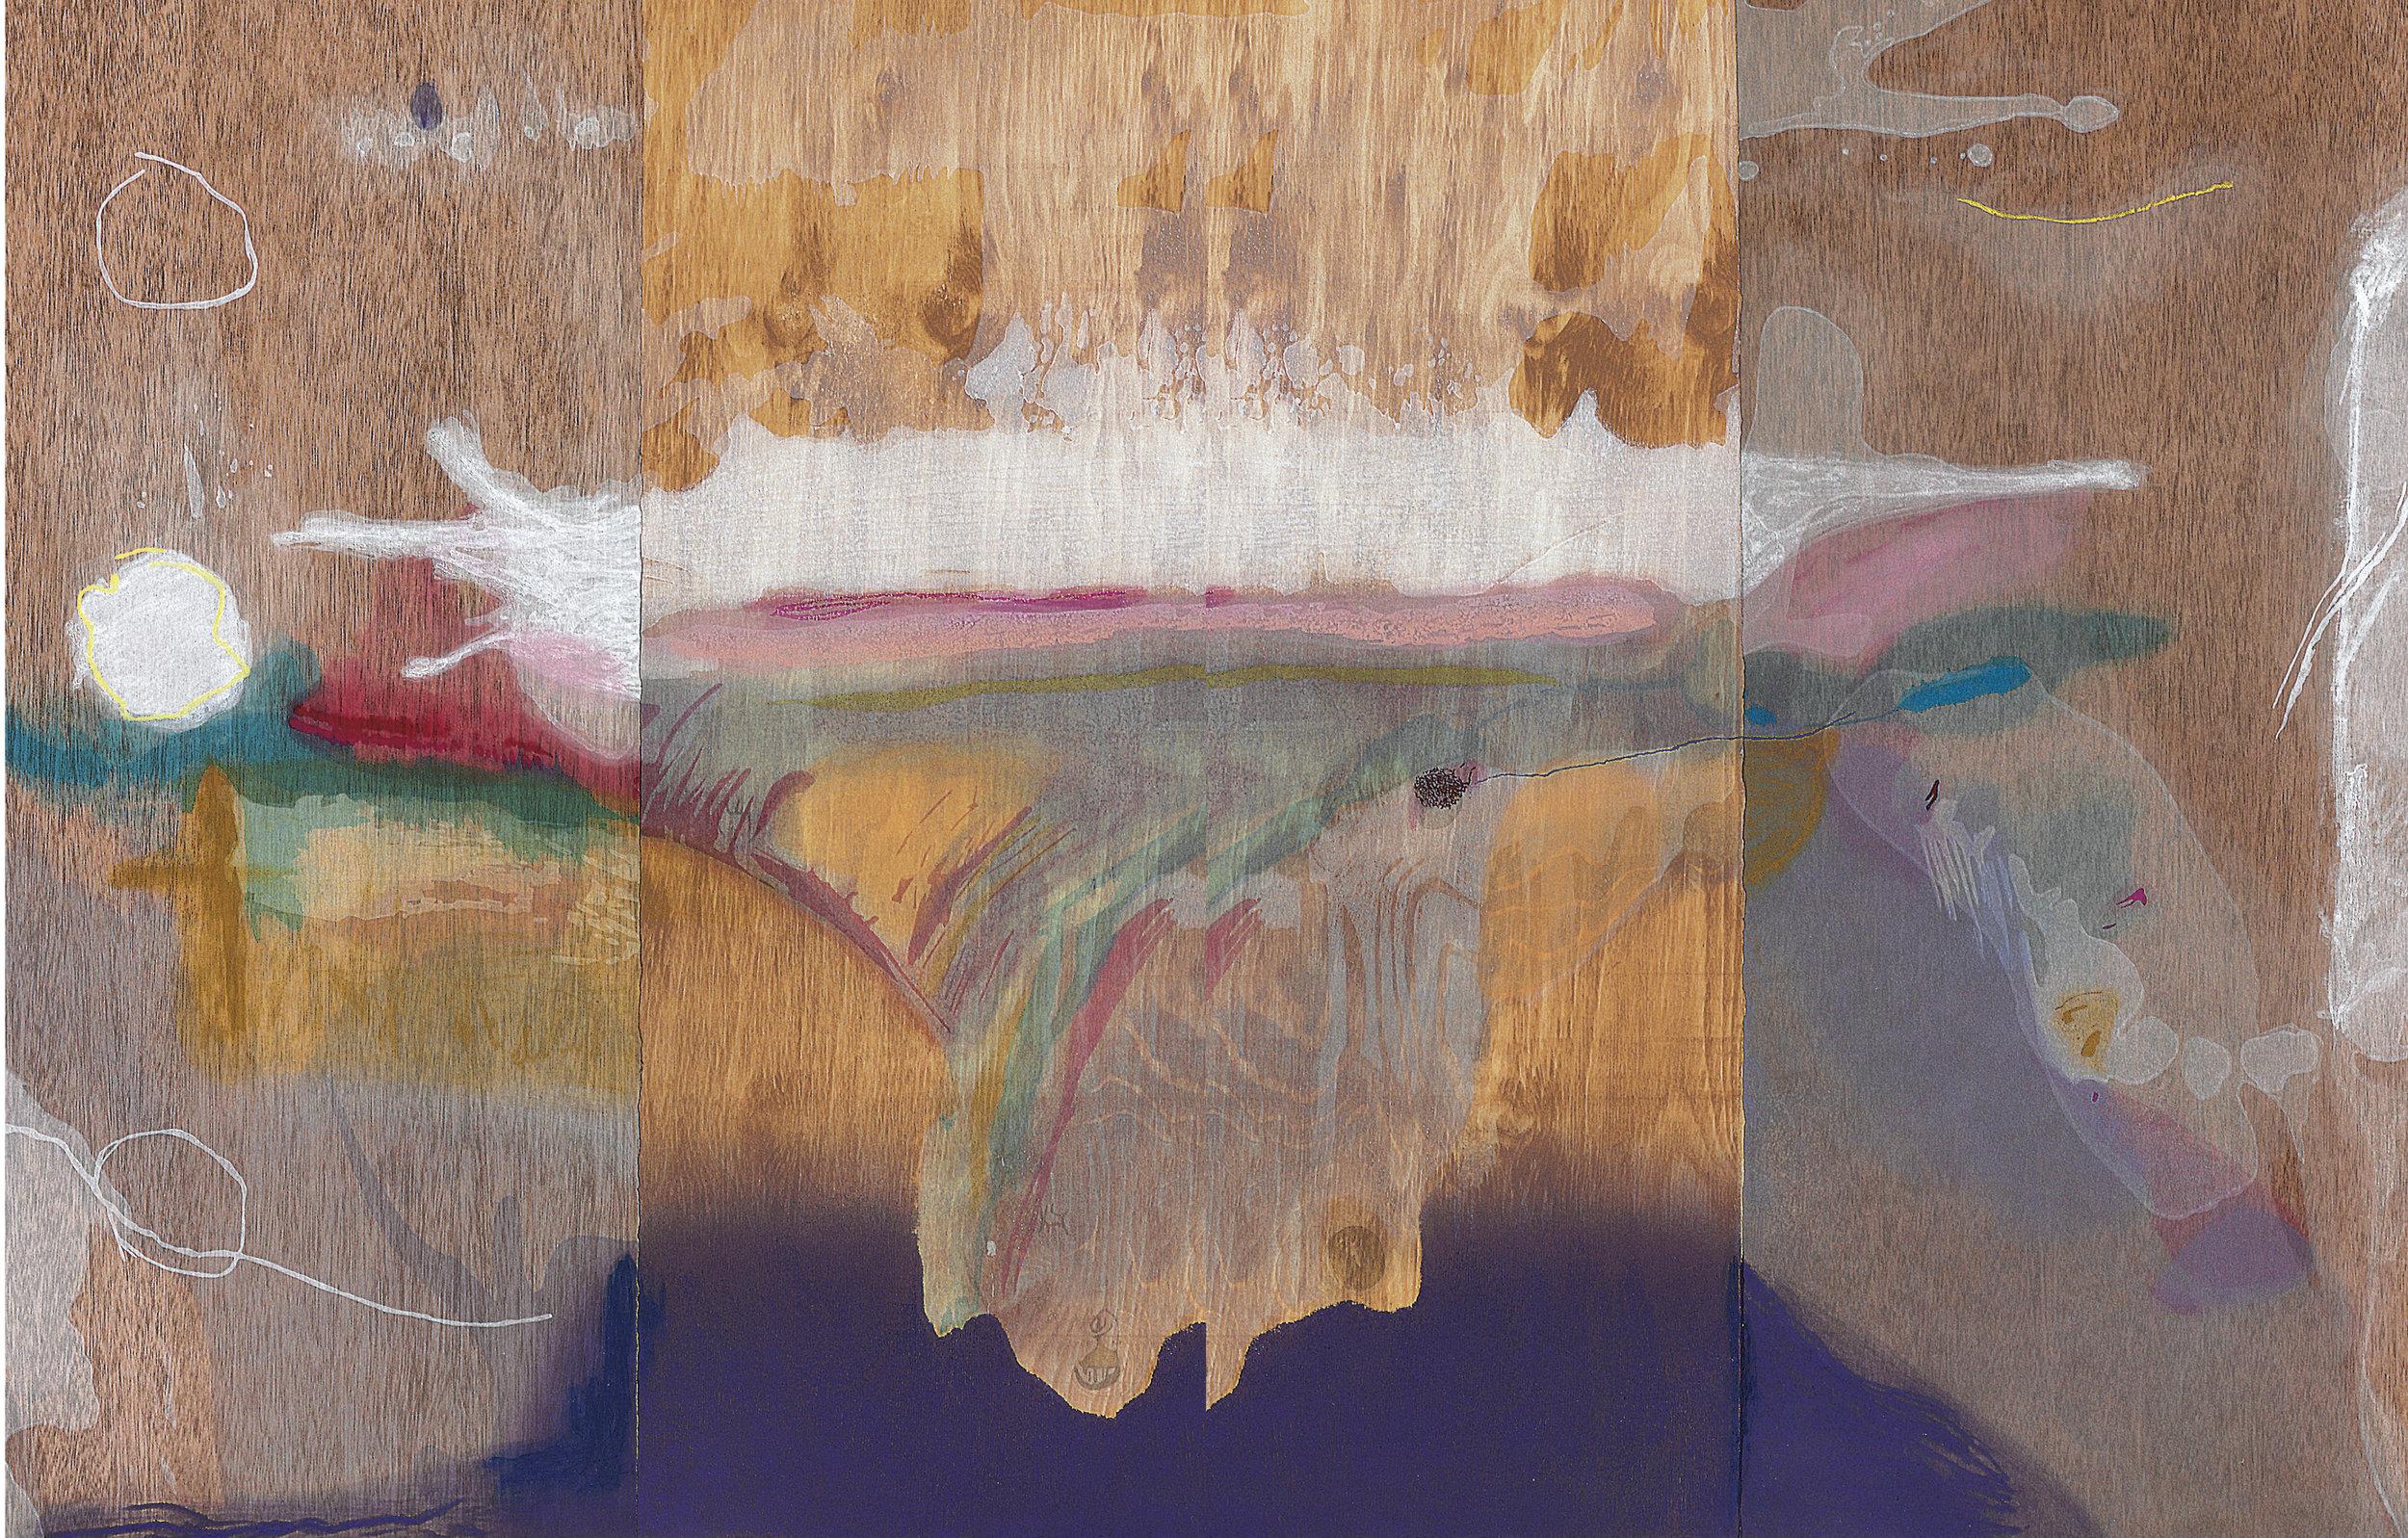 Helen Frankenthaler, Madame Butterfly  Helen Frankenthaler Foundation, 2000